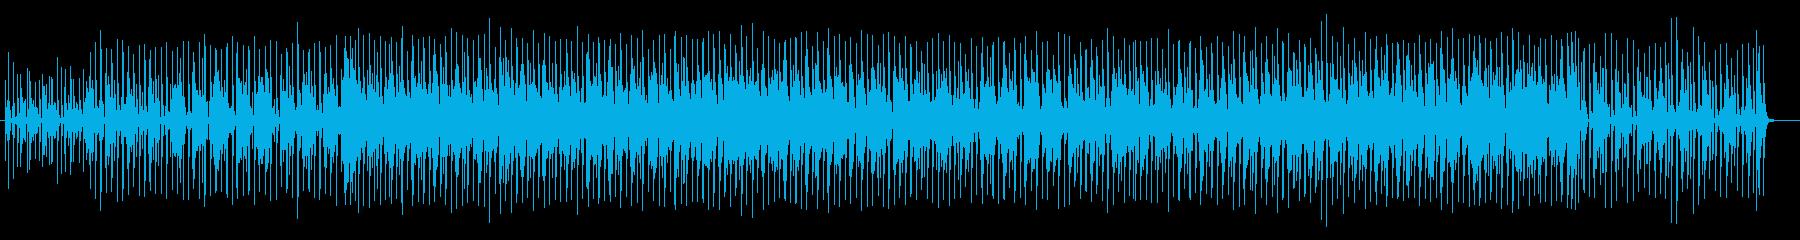 ギターカッティングが軽快でポップな楽曲の再生済みの波形